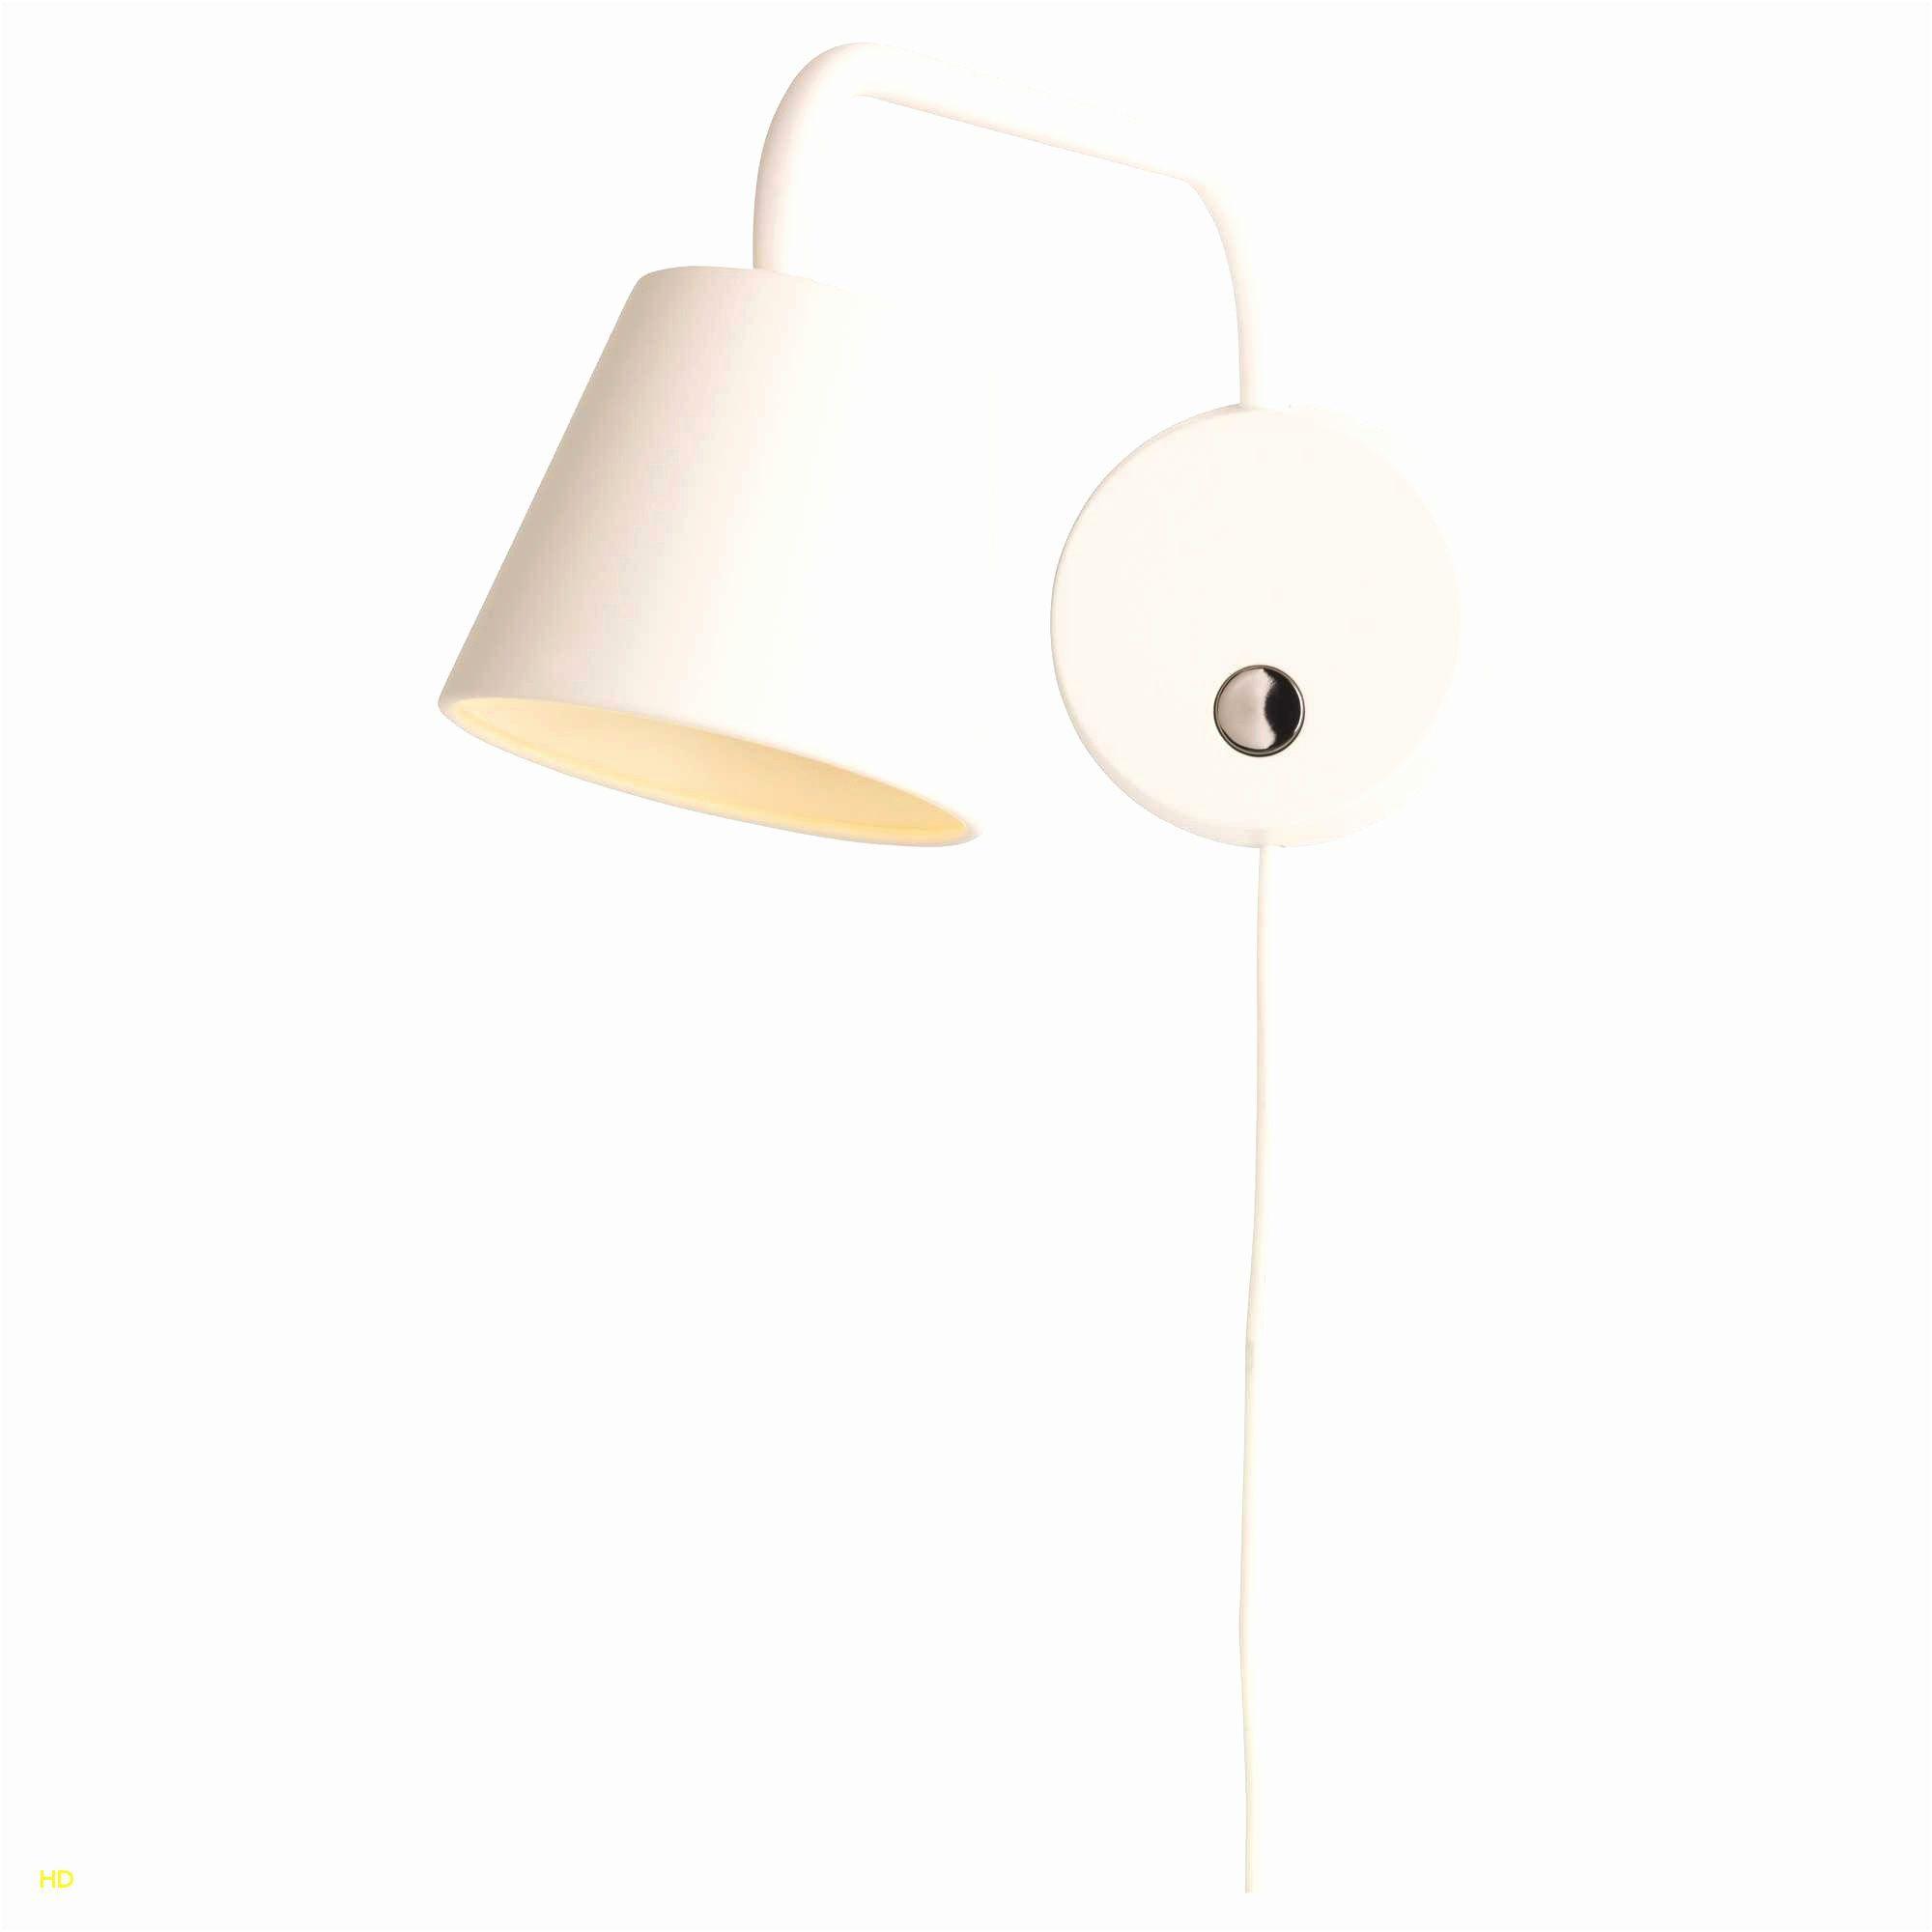 14 Mieux Applique Murale Exterieure Ikea Photograph Pink Lamp Lamp Ikea